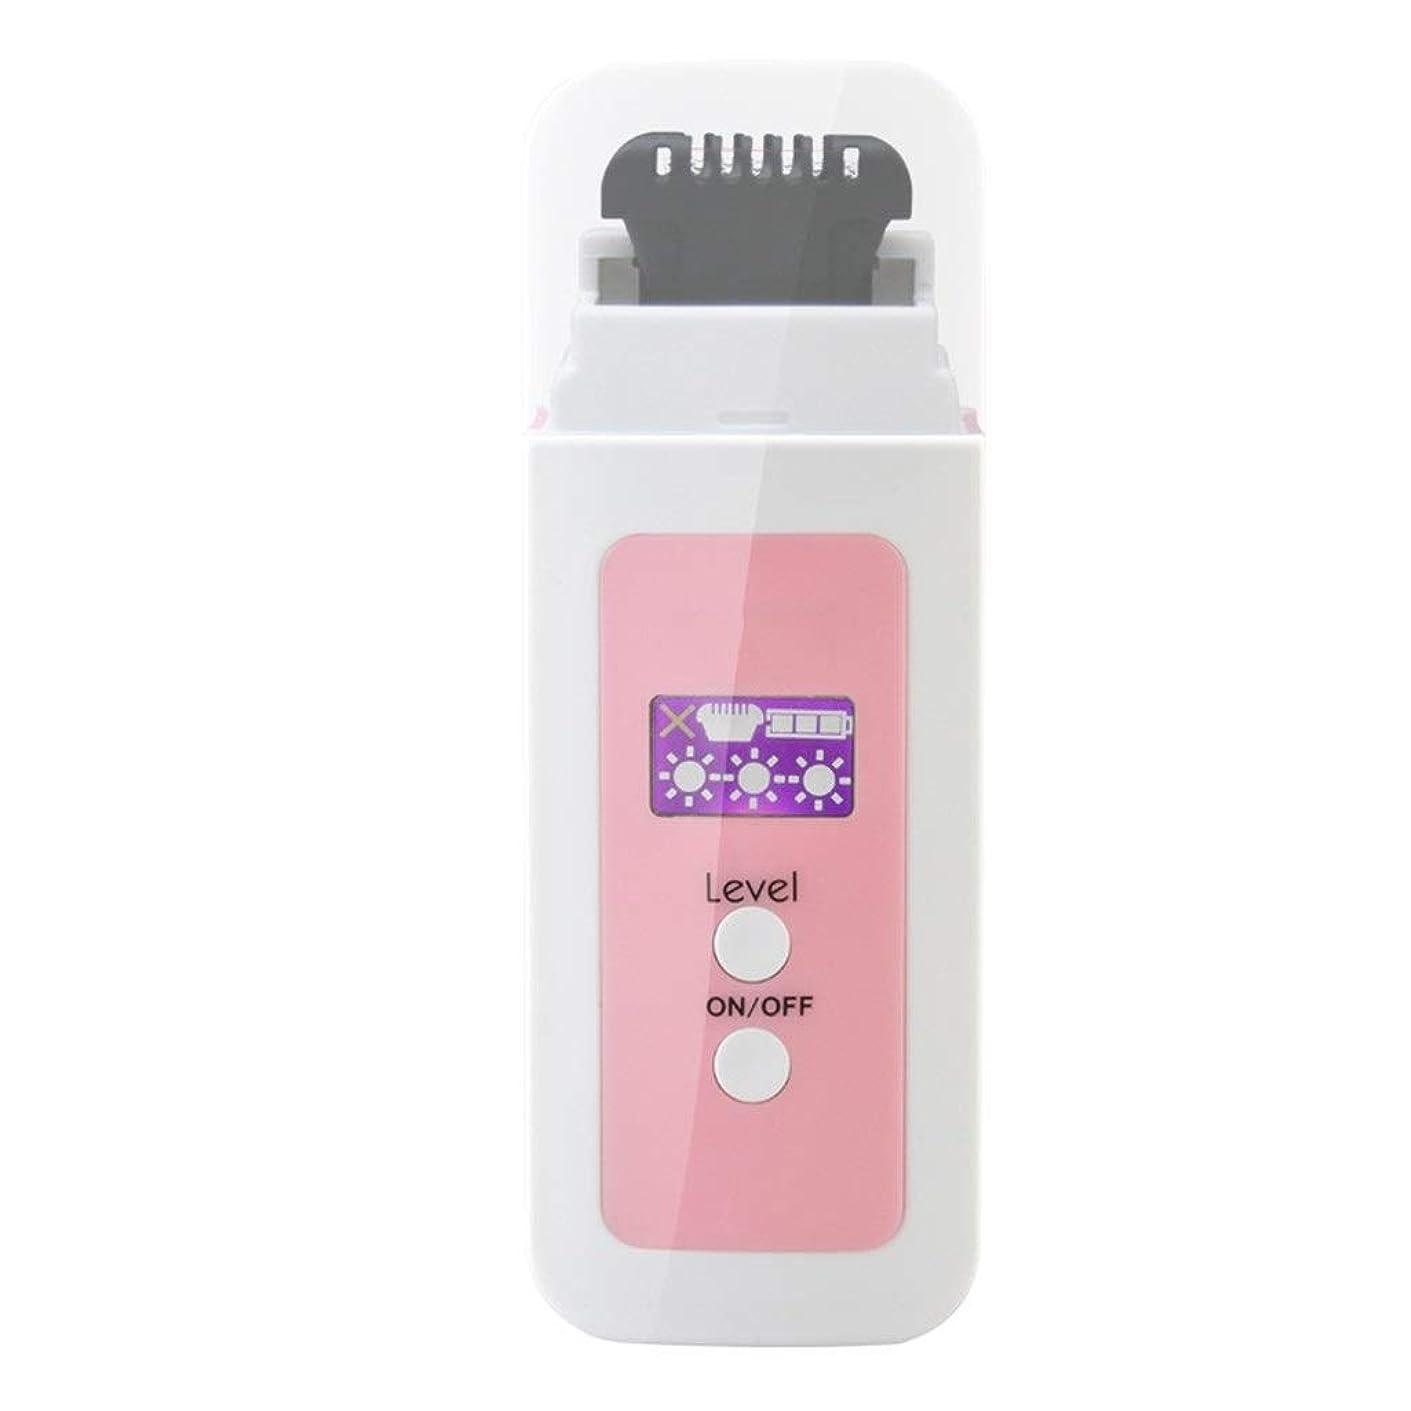 ビルダー抵当帽子パーソナルケア製品/女性の電気脱毛器、ポータブル充電式痛みのない熱脱毛ミニは、脇の下の余分な髪と体の下の余分な髪を削除します (Color : Pink)